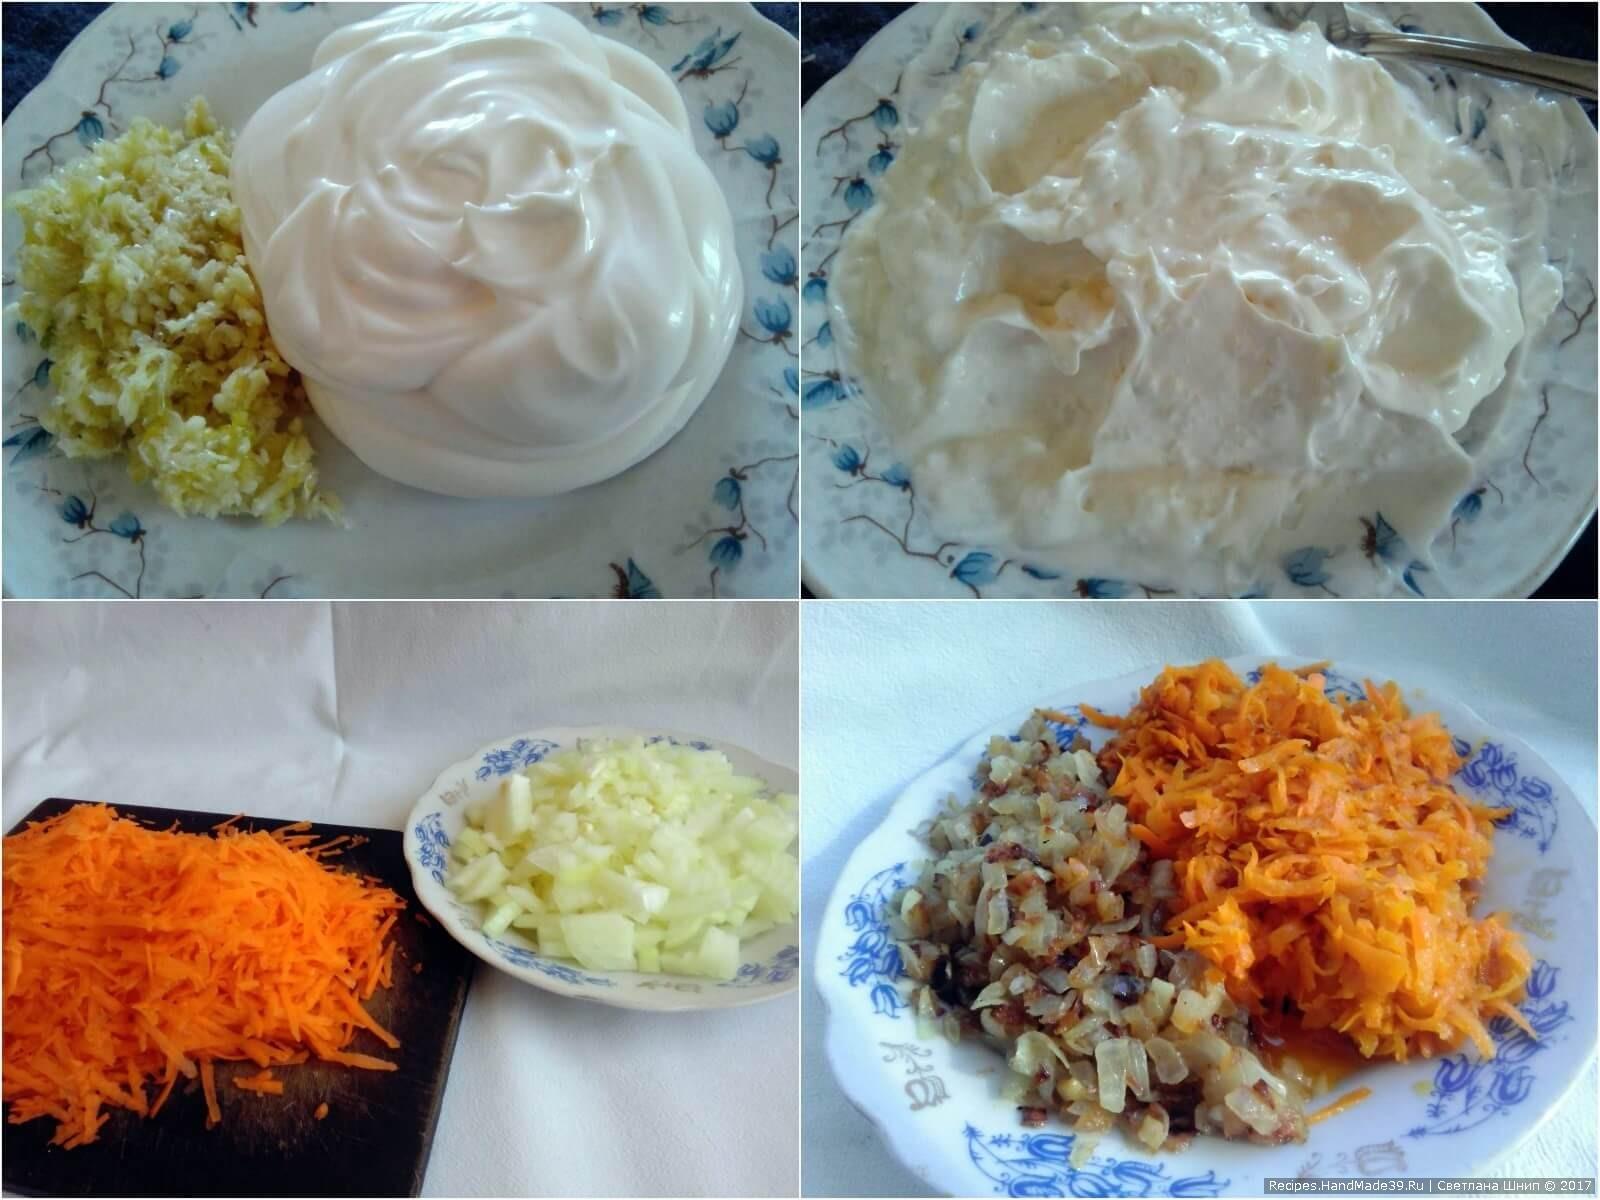 В майонез добавить немного чеснока через пресс, морковь и лук мелко порезать и обжарить по отдельности, грецкие орехи немного обжарить